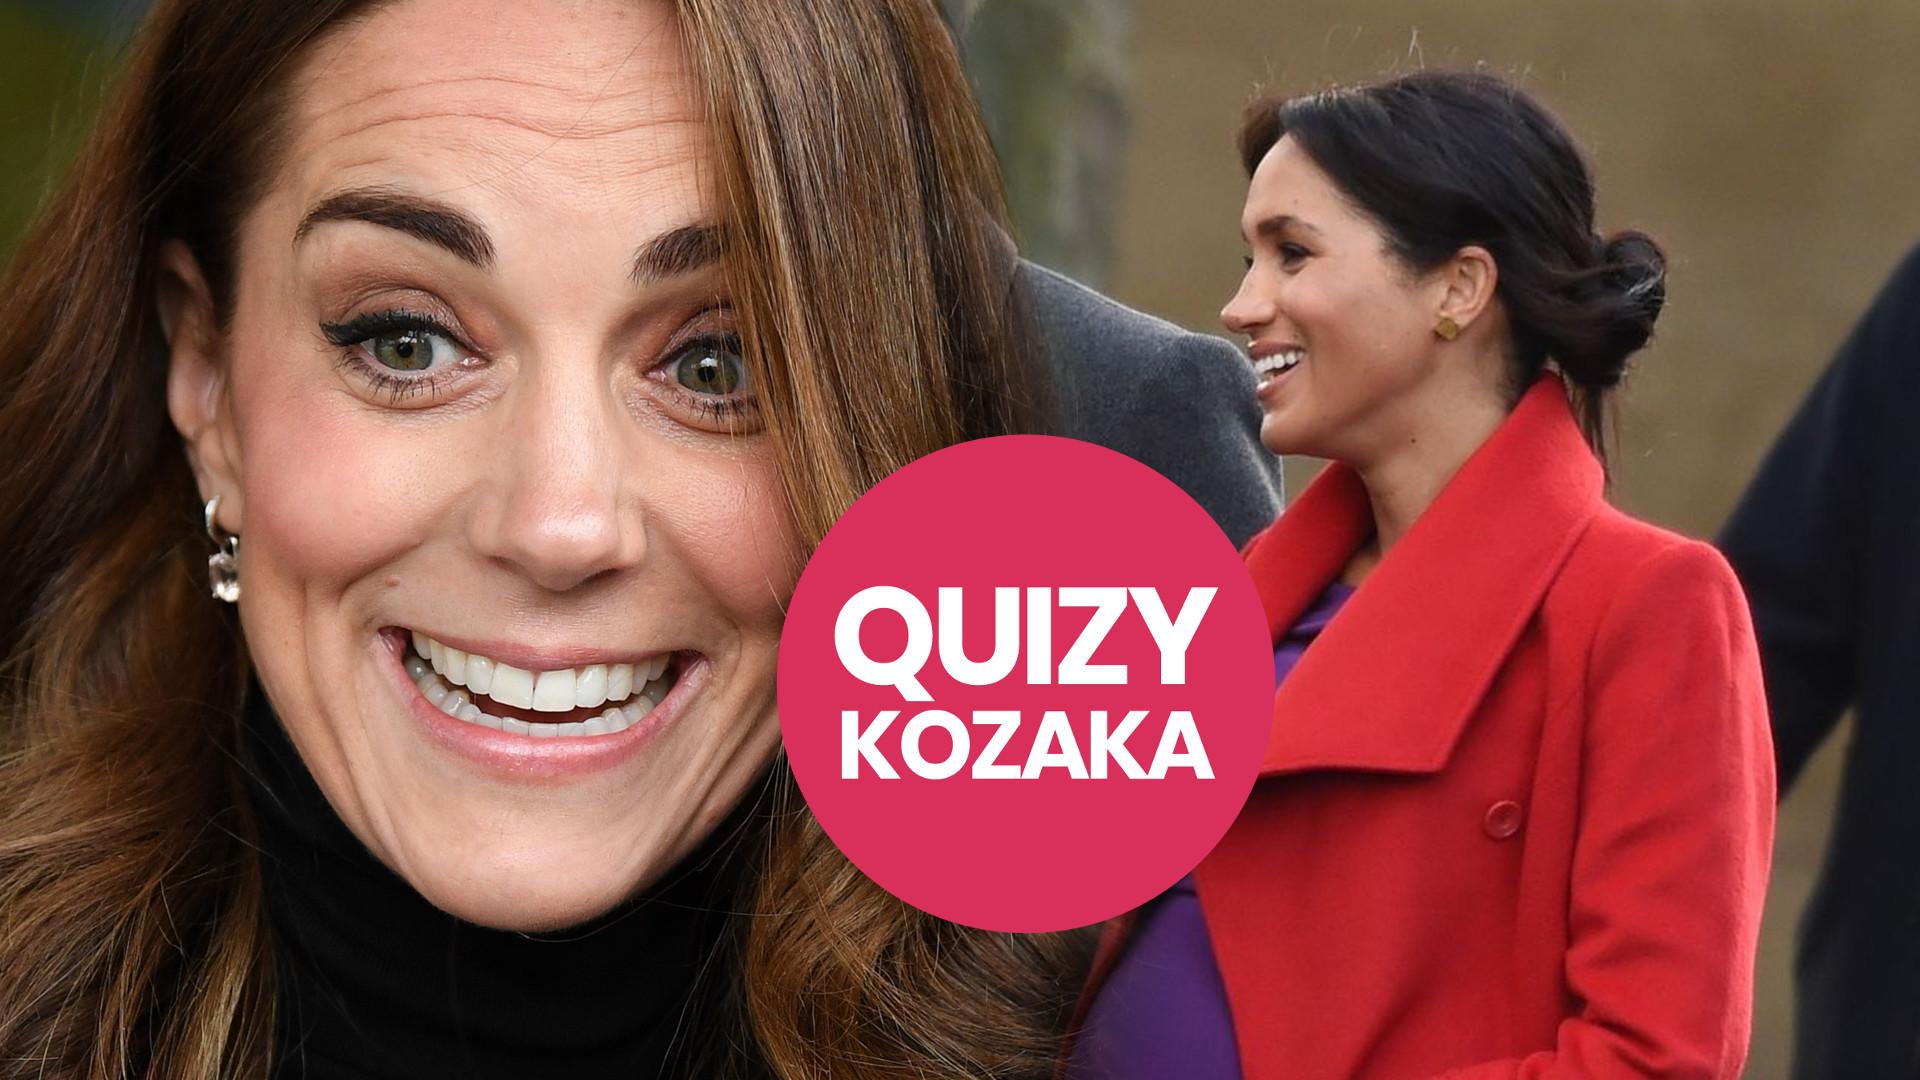 Jesteś jak księżna Kate, czy Meghan Markle? (QUIZ)